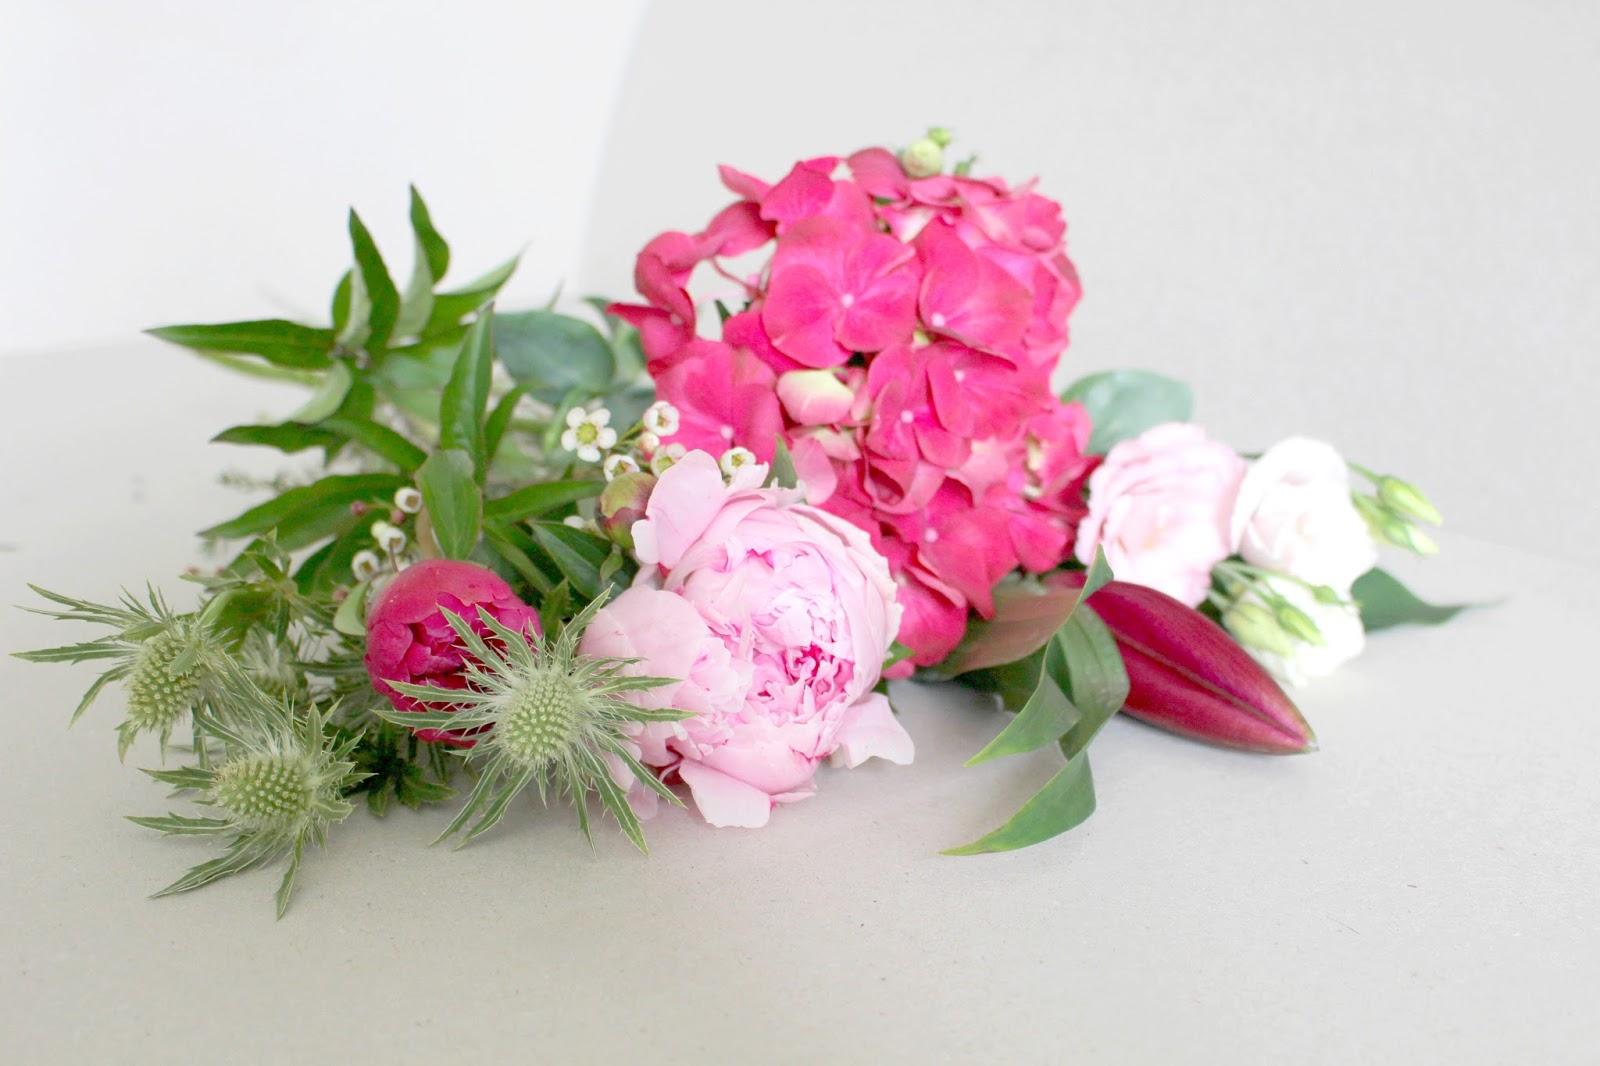 La petite boutique de fleurs fleuriste mariage lyon for Bouquet de fleurs lyon